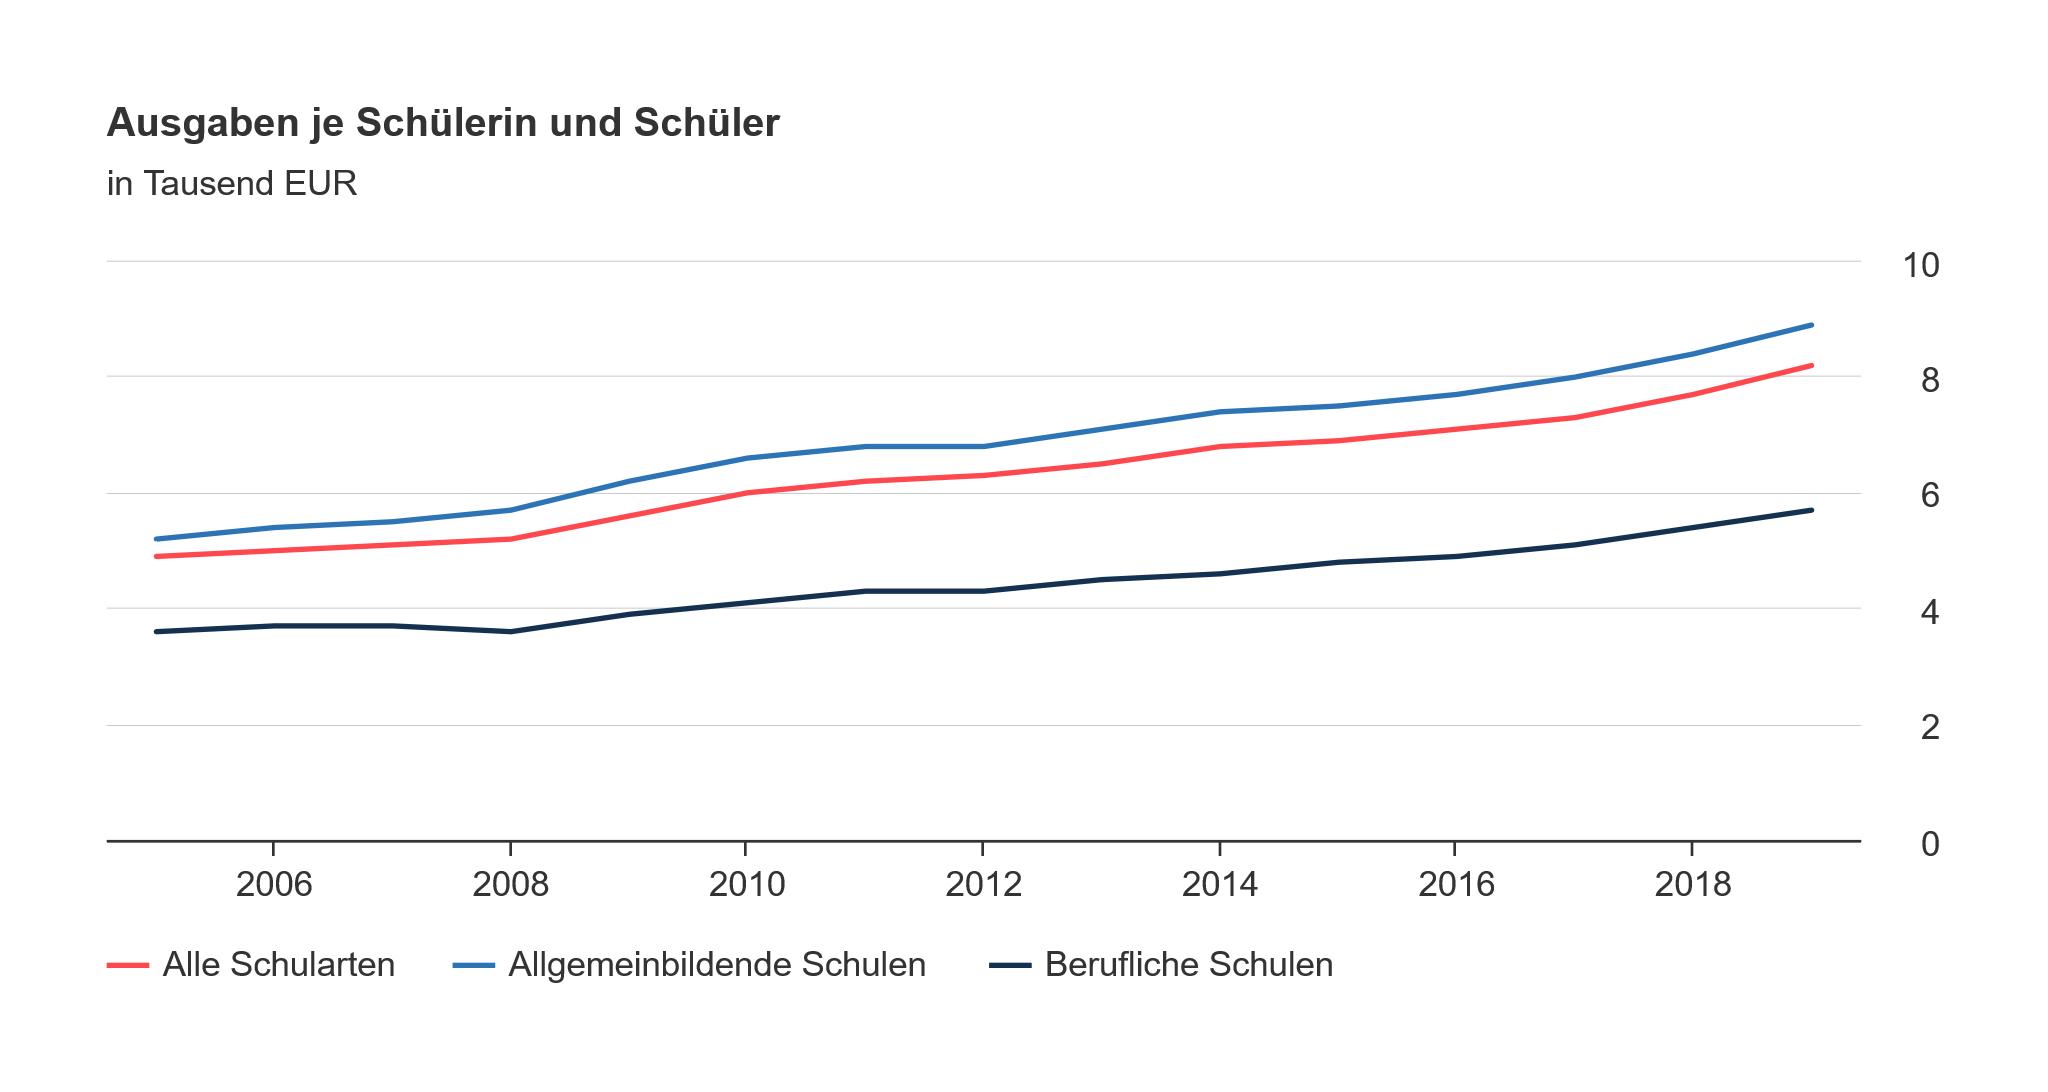 Diagramm zu den Ausgaben für öffentliche Schulen im Jahr 2019